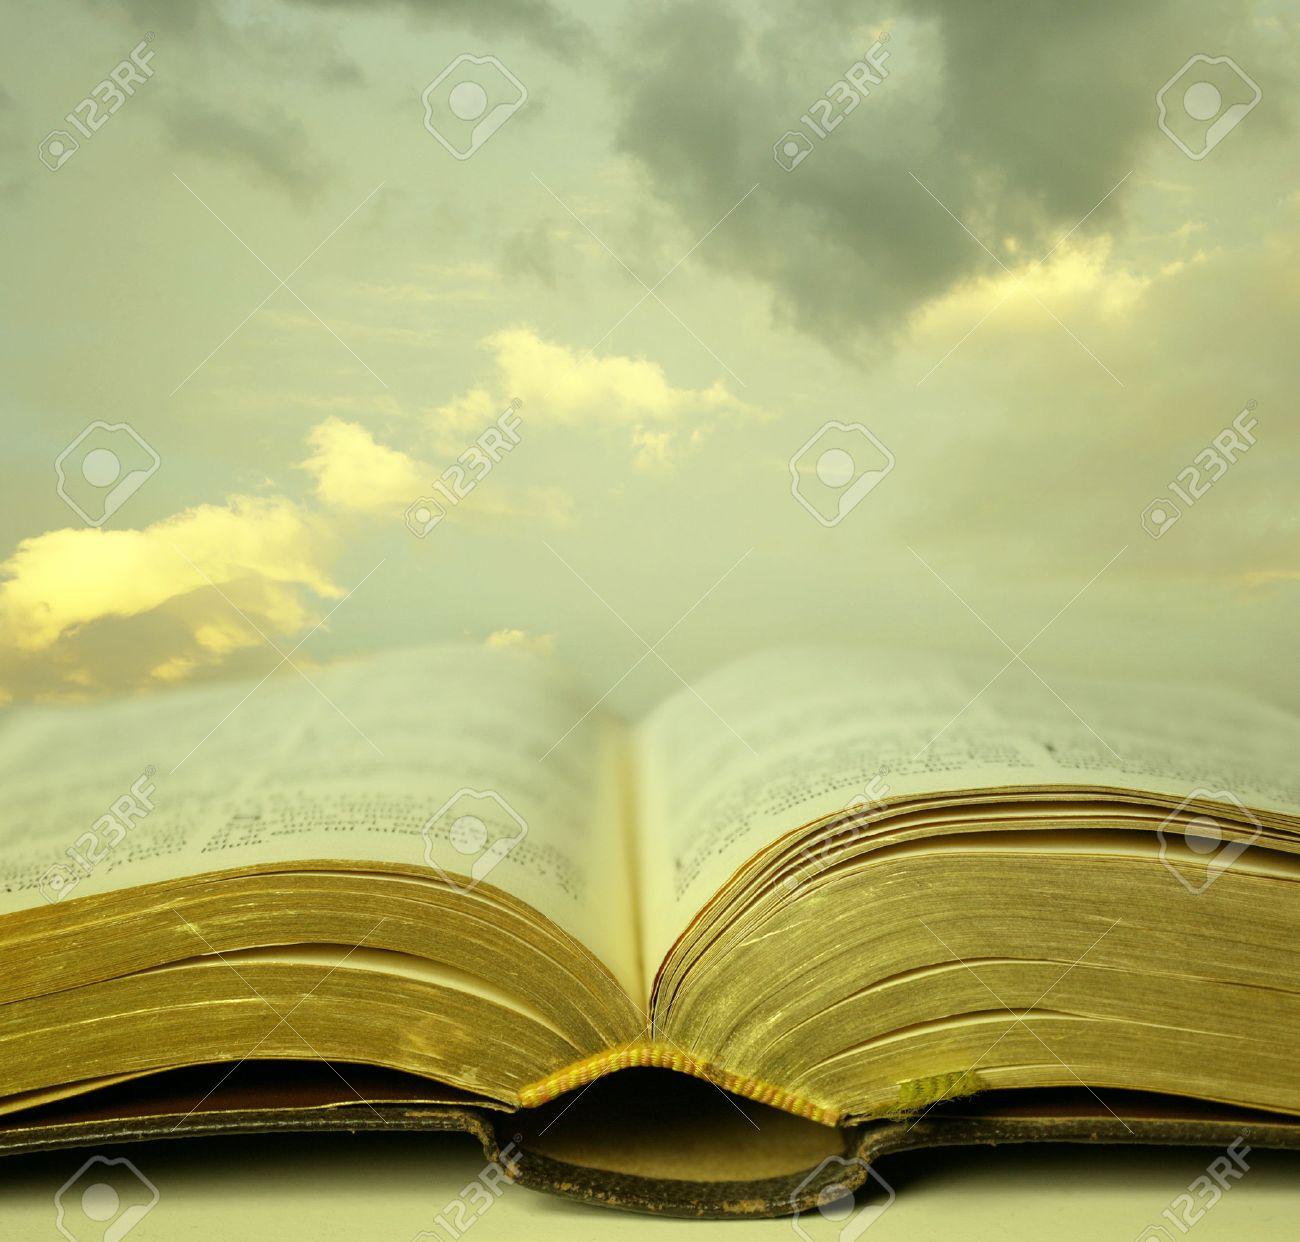 Detalle De Un Viejo Santa Biblia Abierta Con Un Cielo Hermoso Y